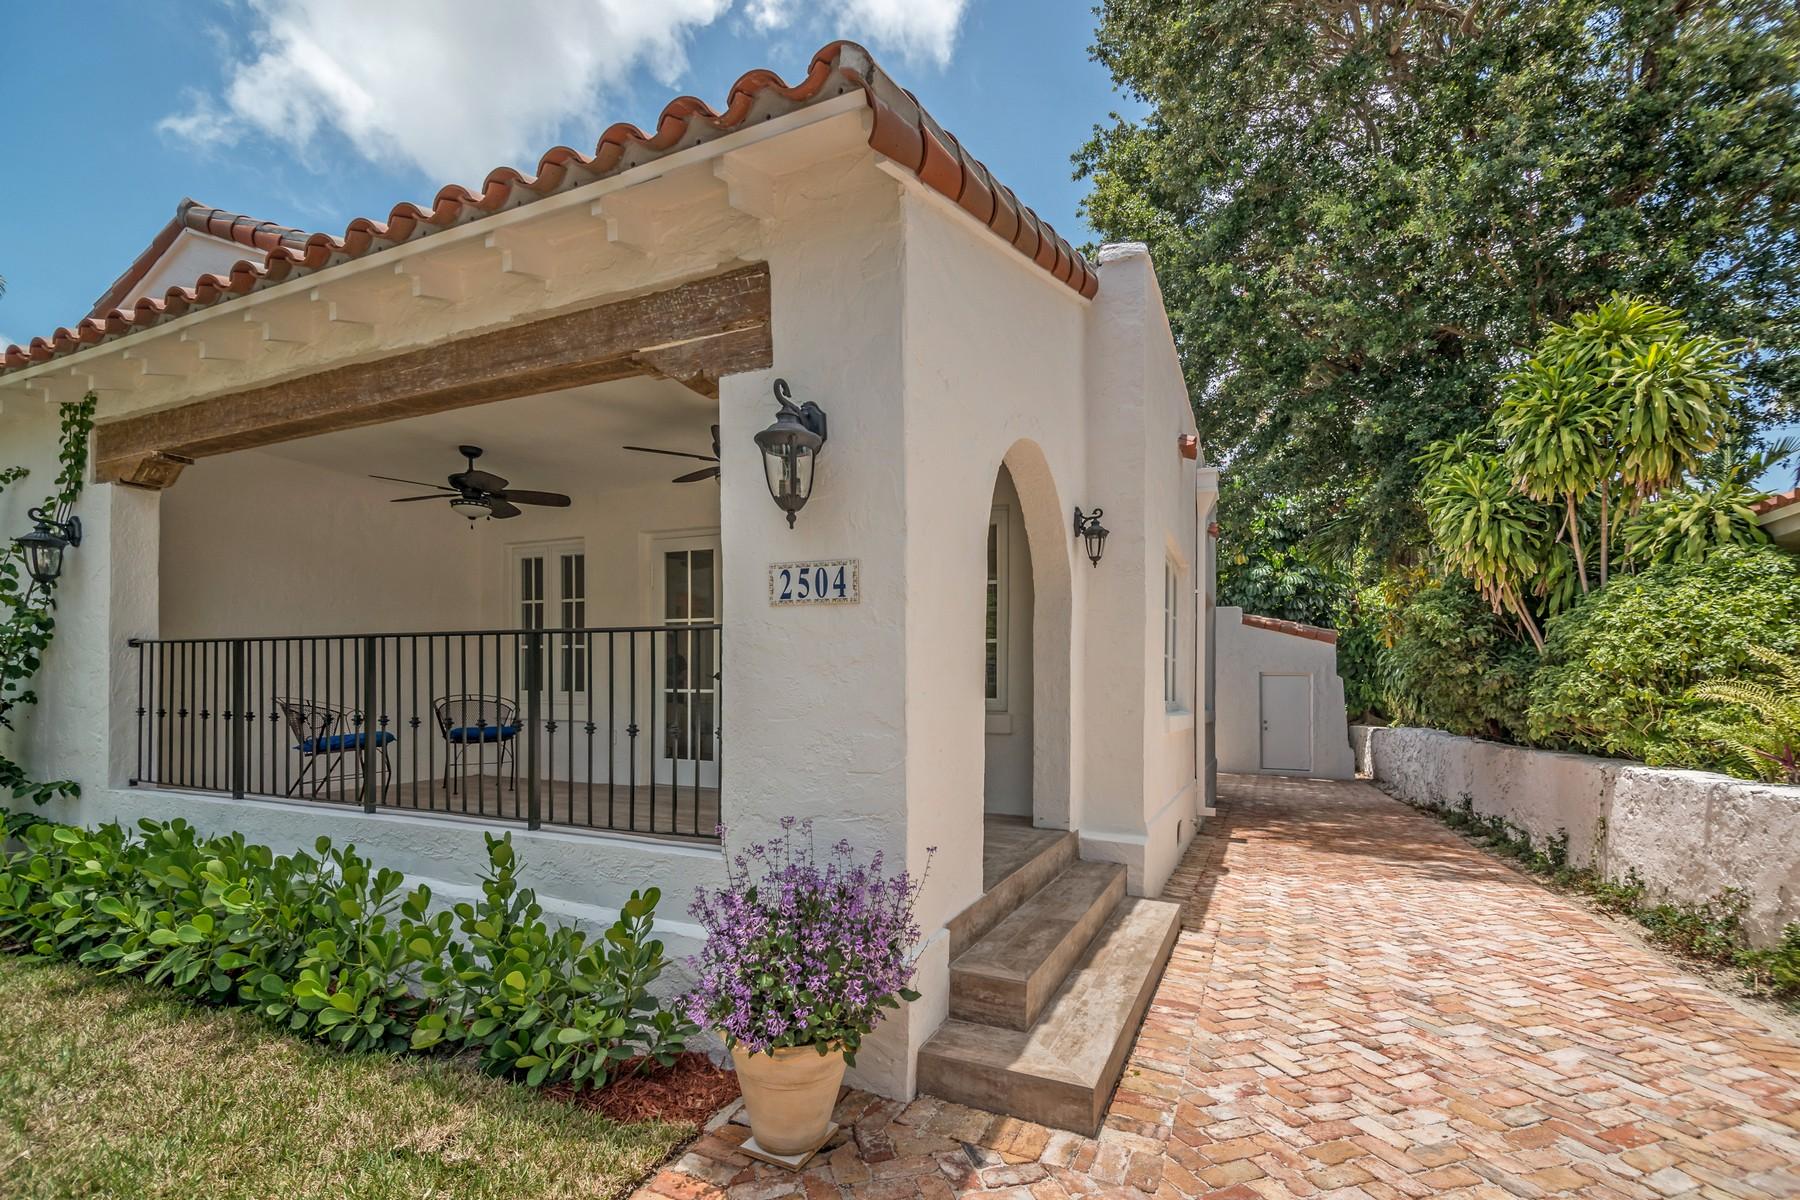 단독 가정 주택 용 매매 에 2504 Madrid St Coral Gables, 플로리다 33134 미국